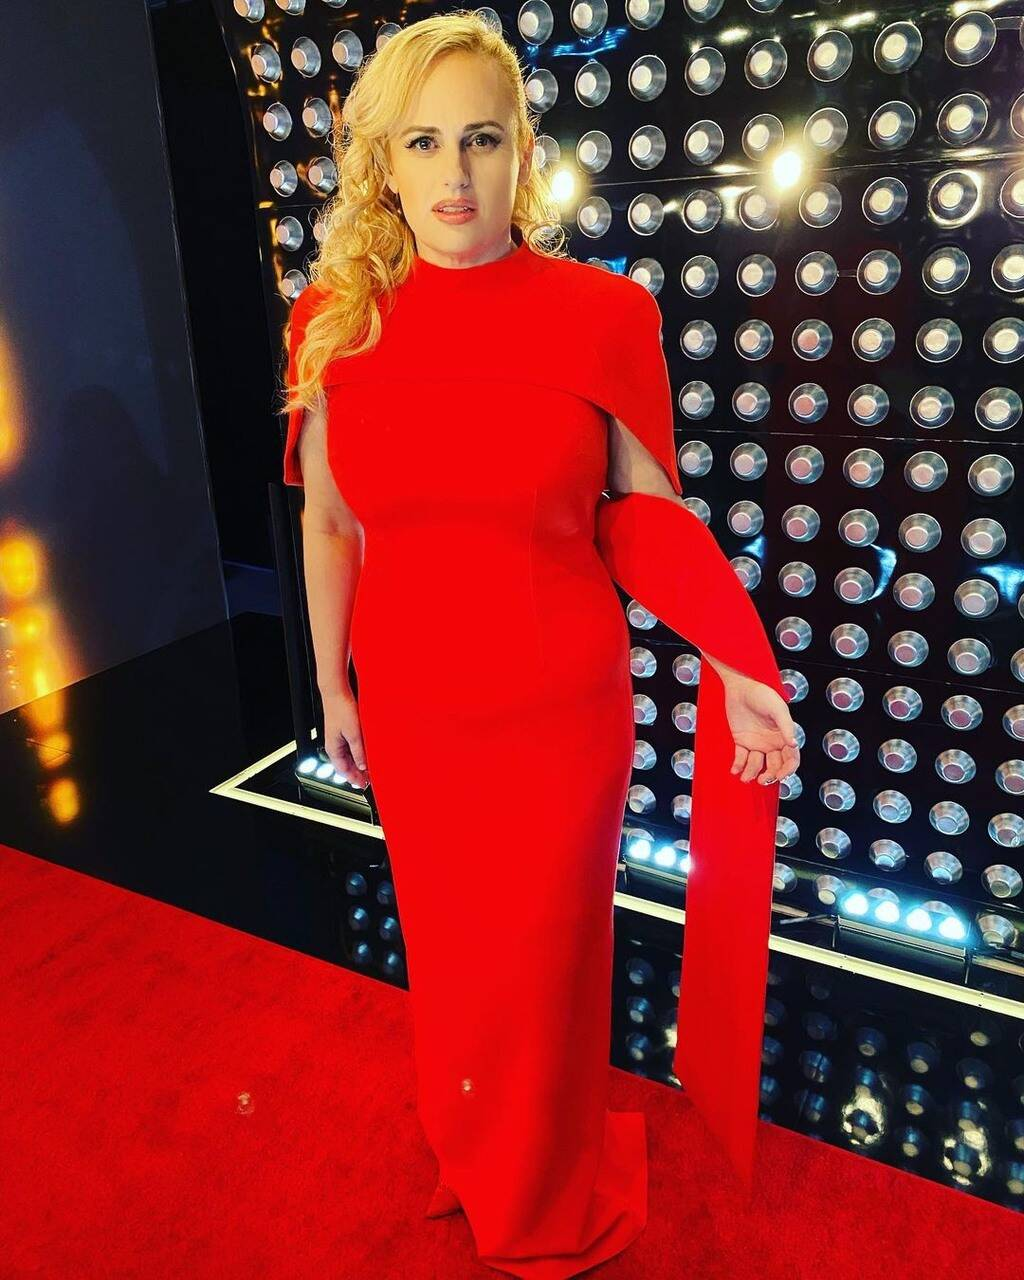 Леди в красном:РебелУилсон примерила платье, как у МеганМаркл-Фото 1